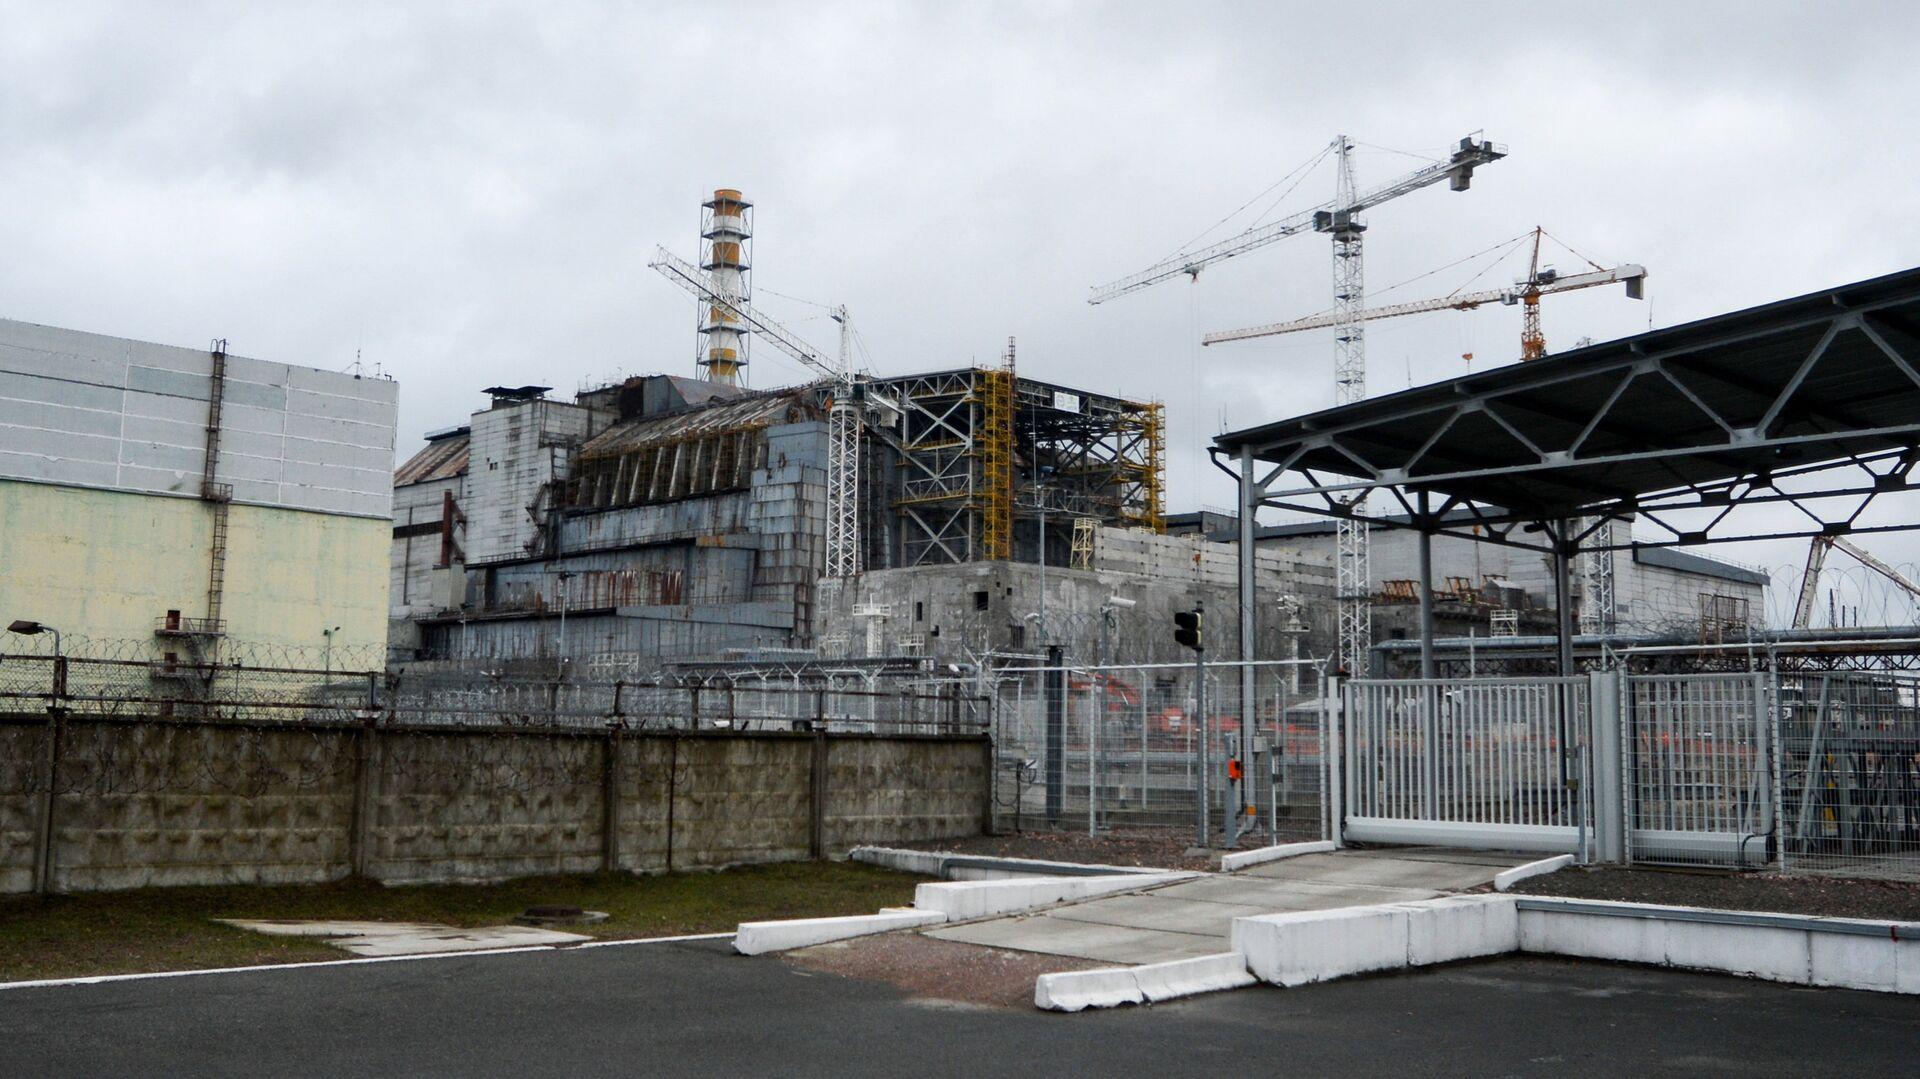 Саркофаг над четвертым энергоблоком Чернобыльской АЭС - РИА Новости, 1920, 27.09.2020